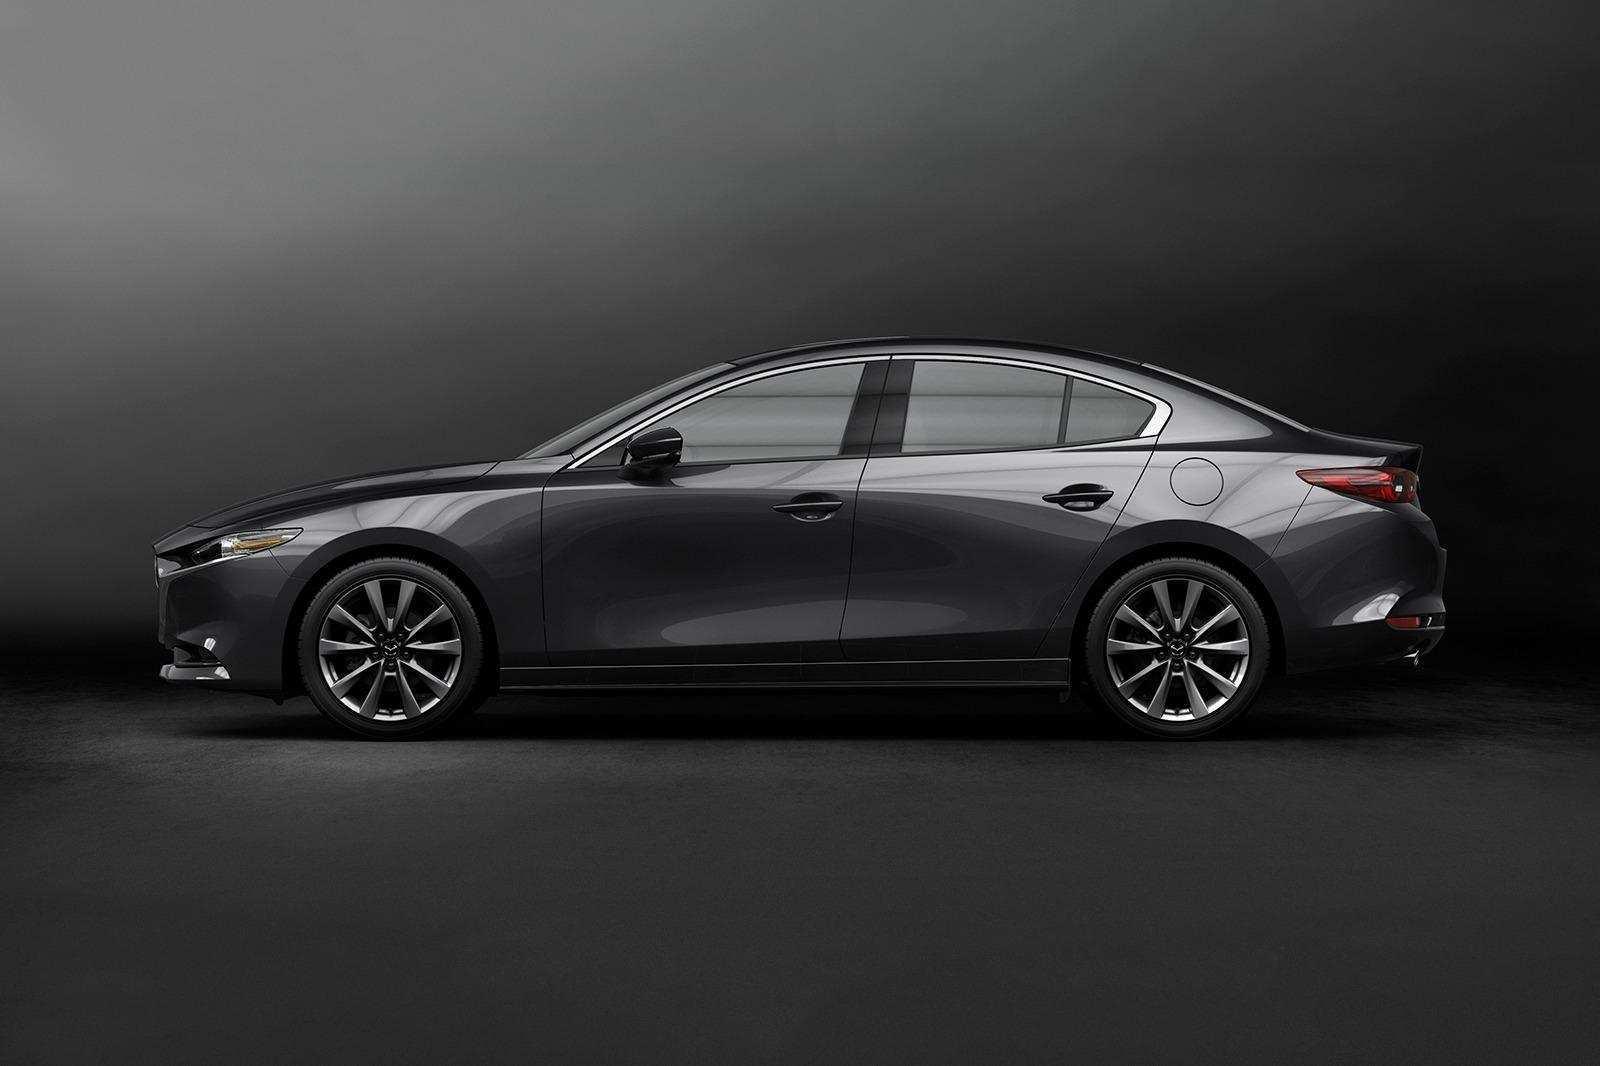 23 All New Precio Del Mazda 2019 Release with Precio Del Mazda 2019